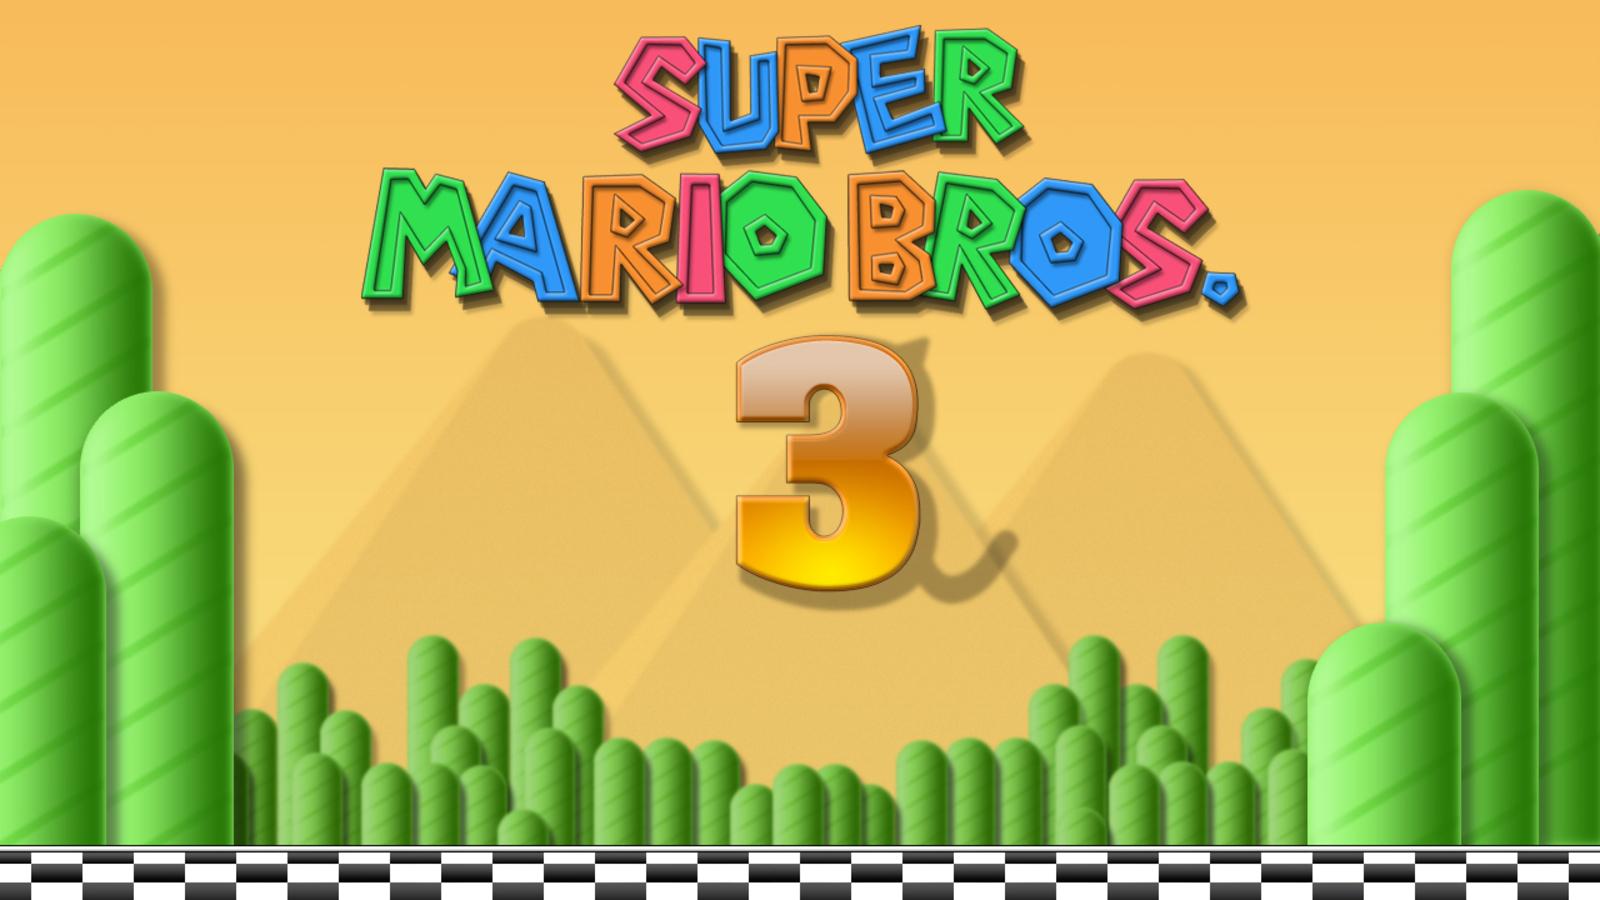 super mario bros 3 wallpapers